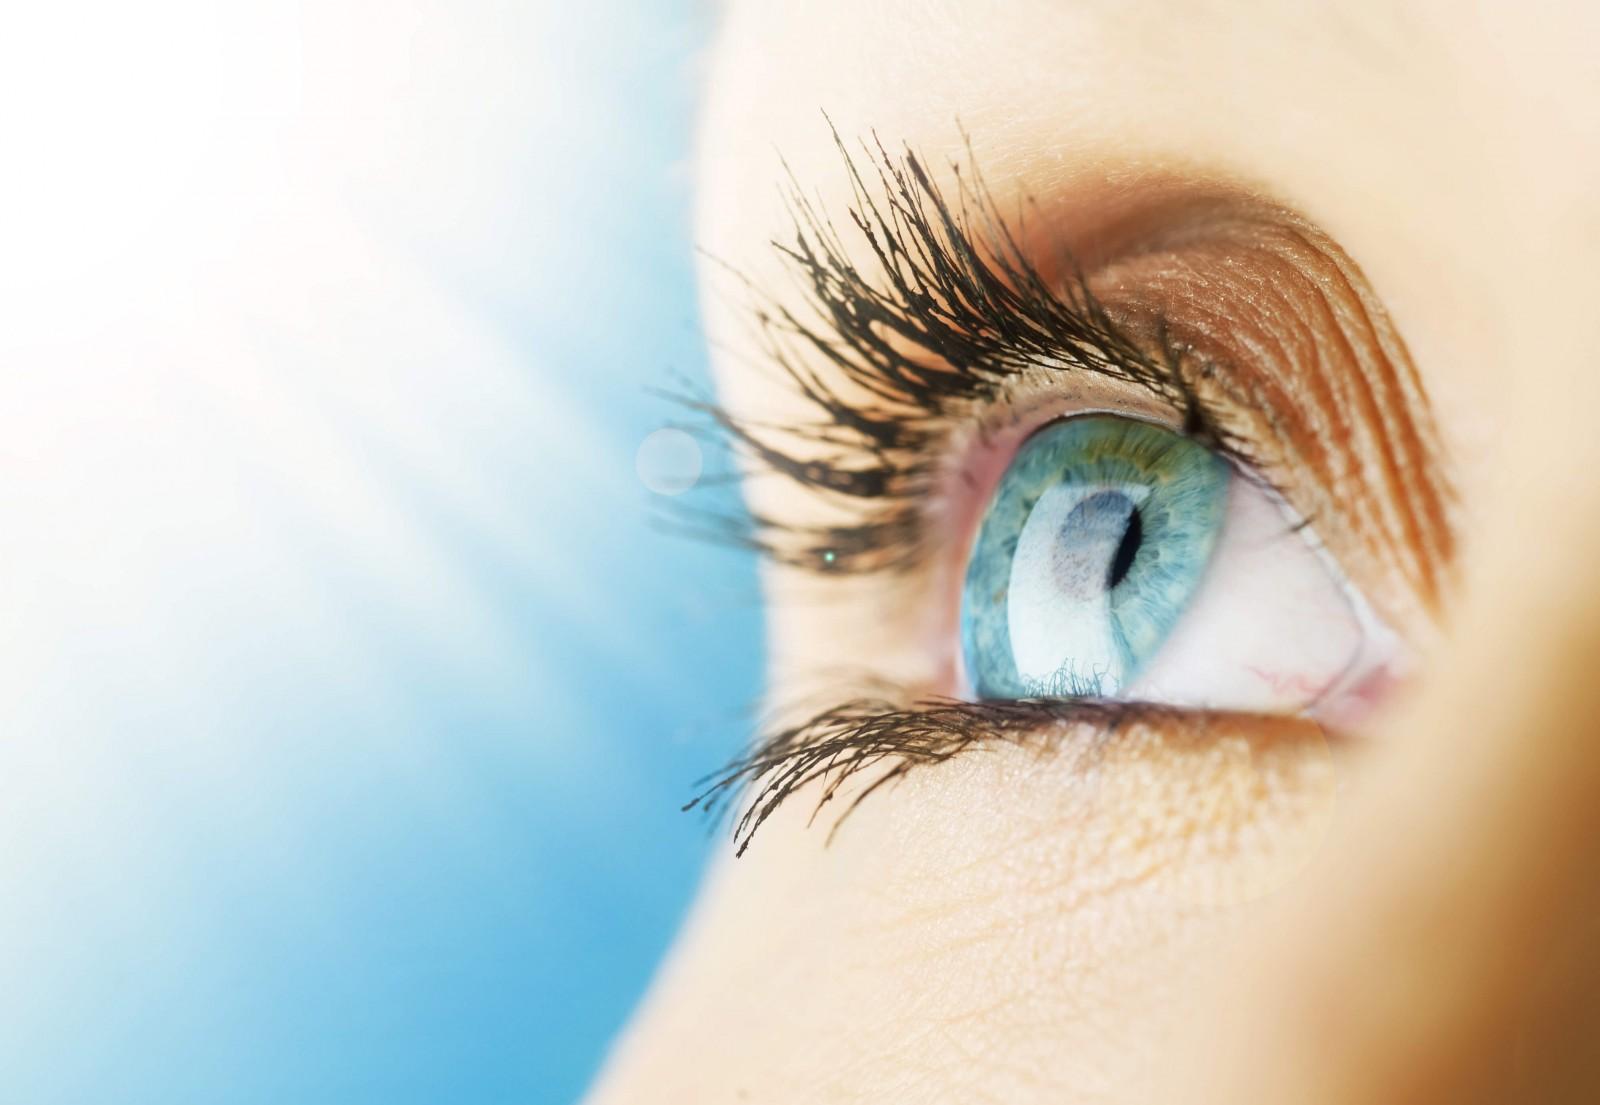 Близорукость. Берегите зрение